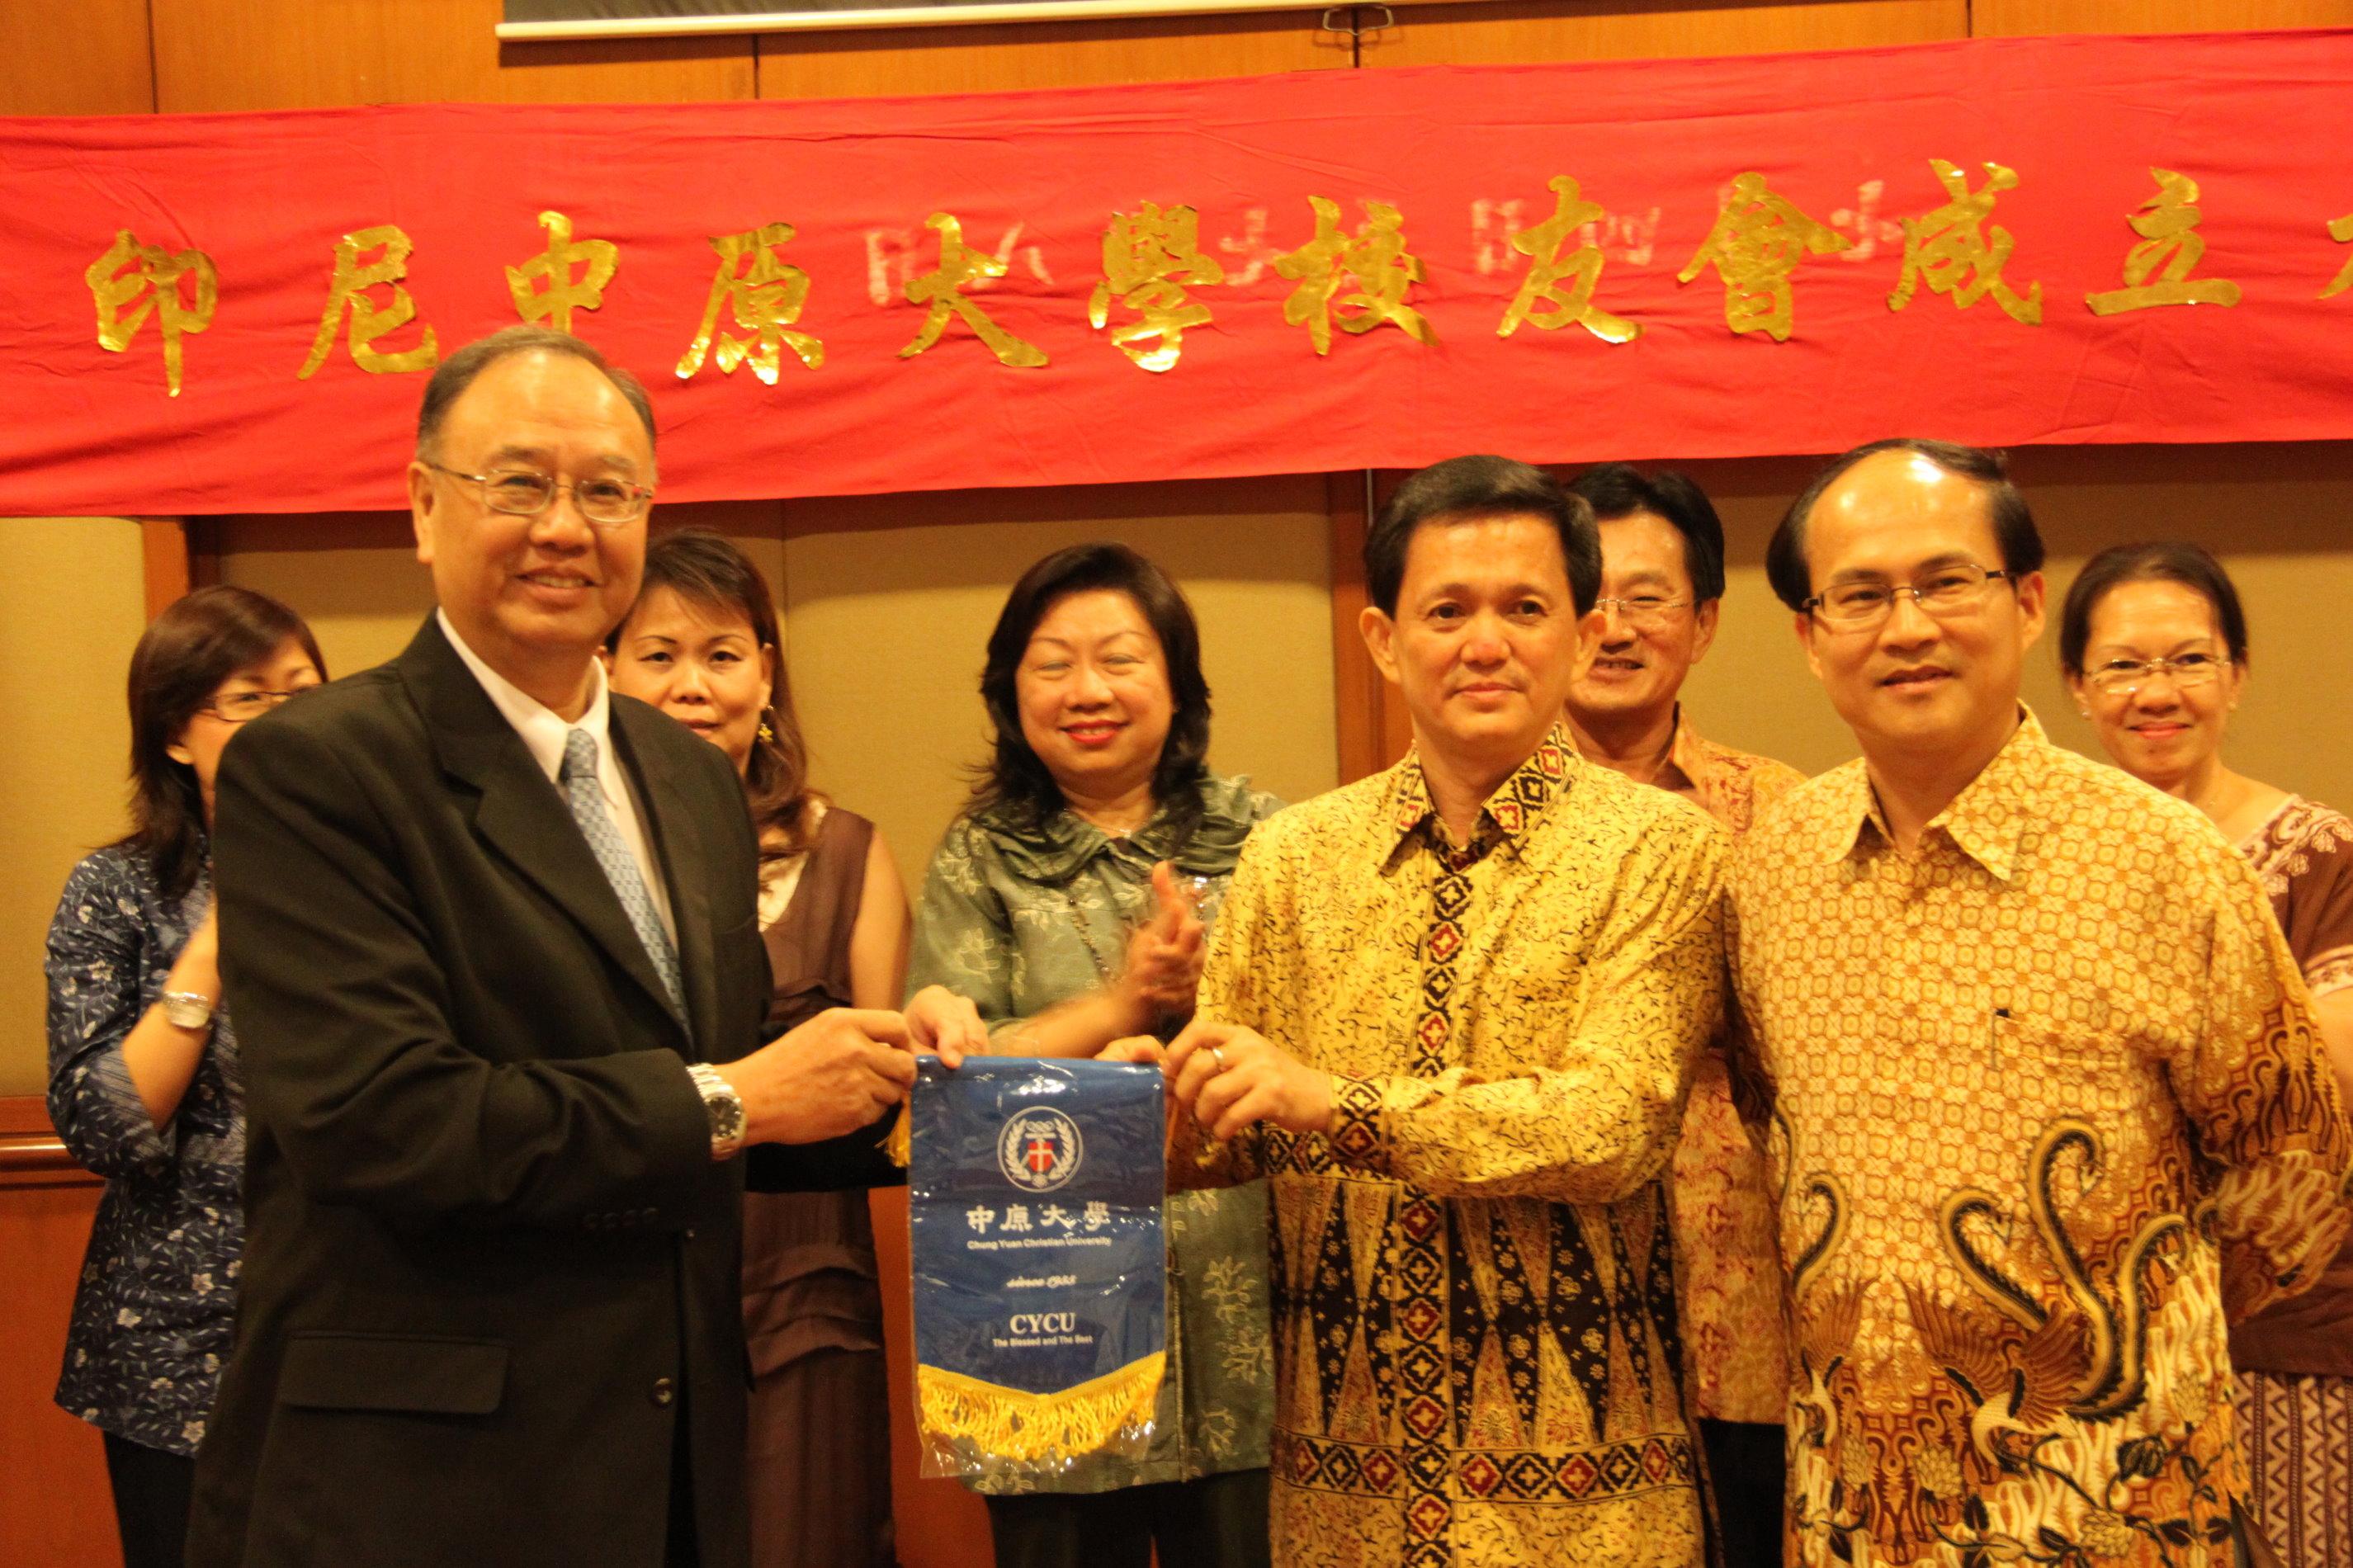 印尼中原大學校友會正式成立 程萬里校長親自授旗贈印